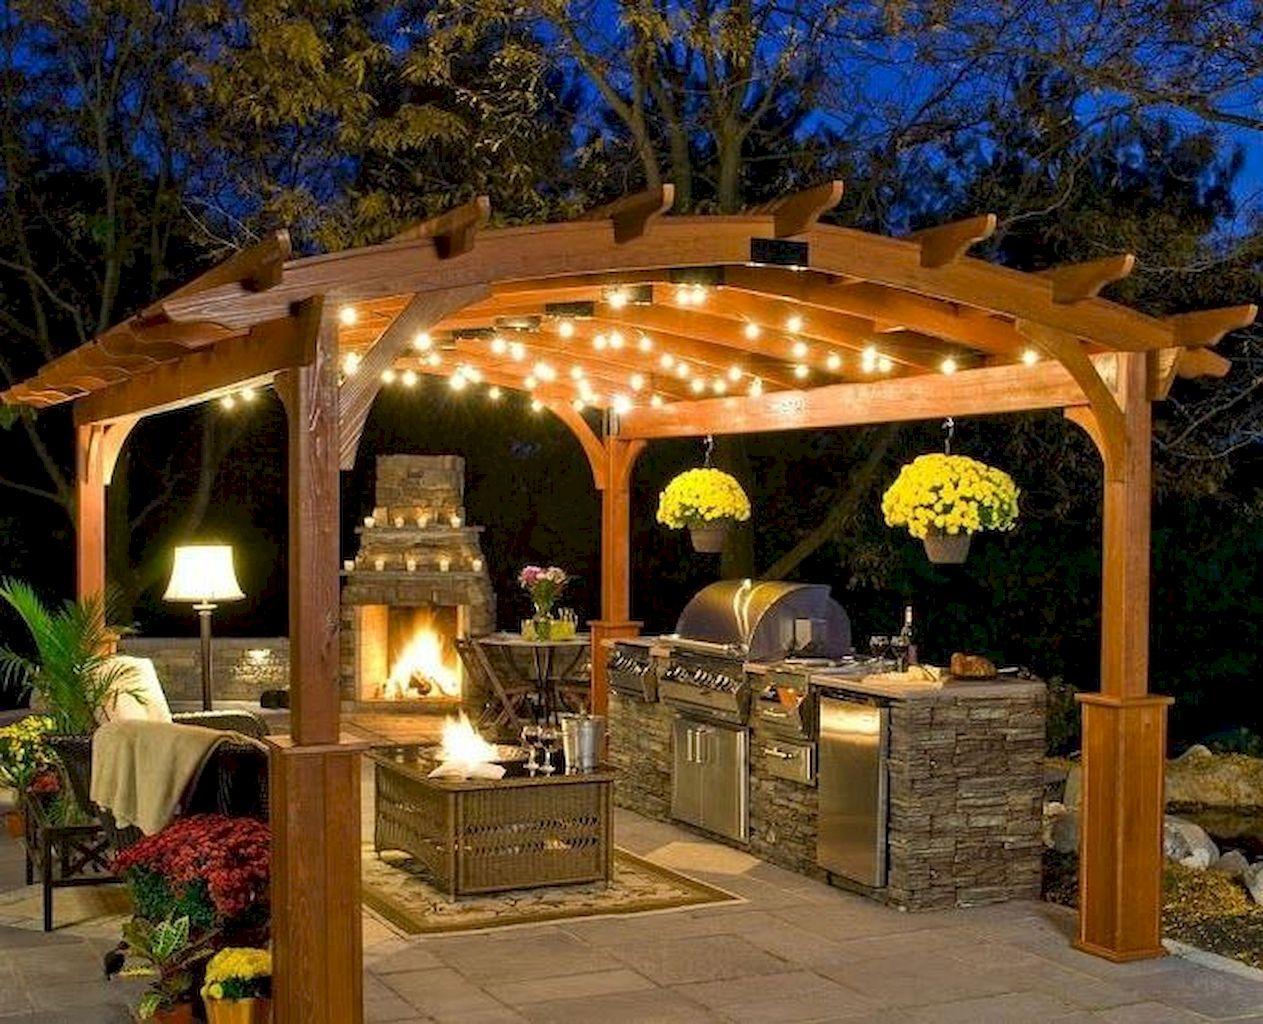 Backyard Fireplace002